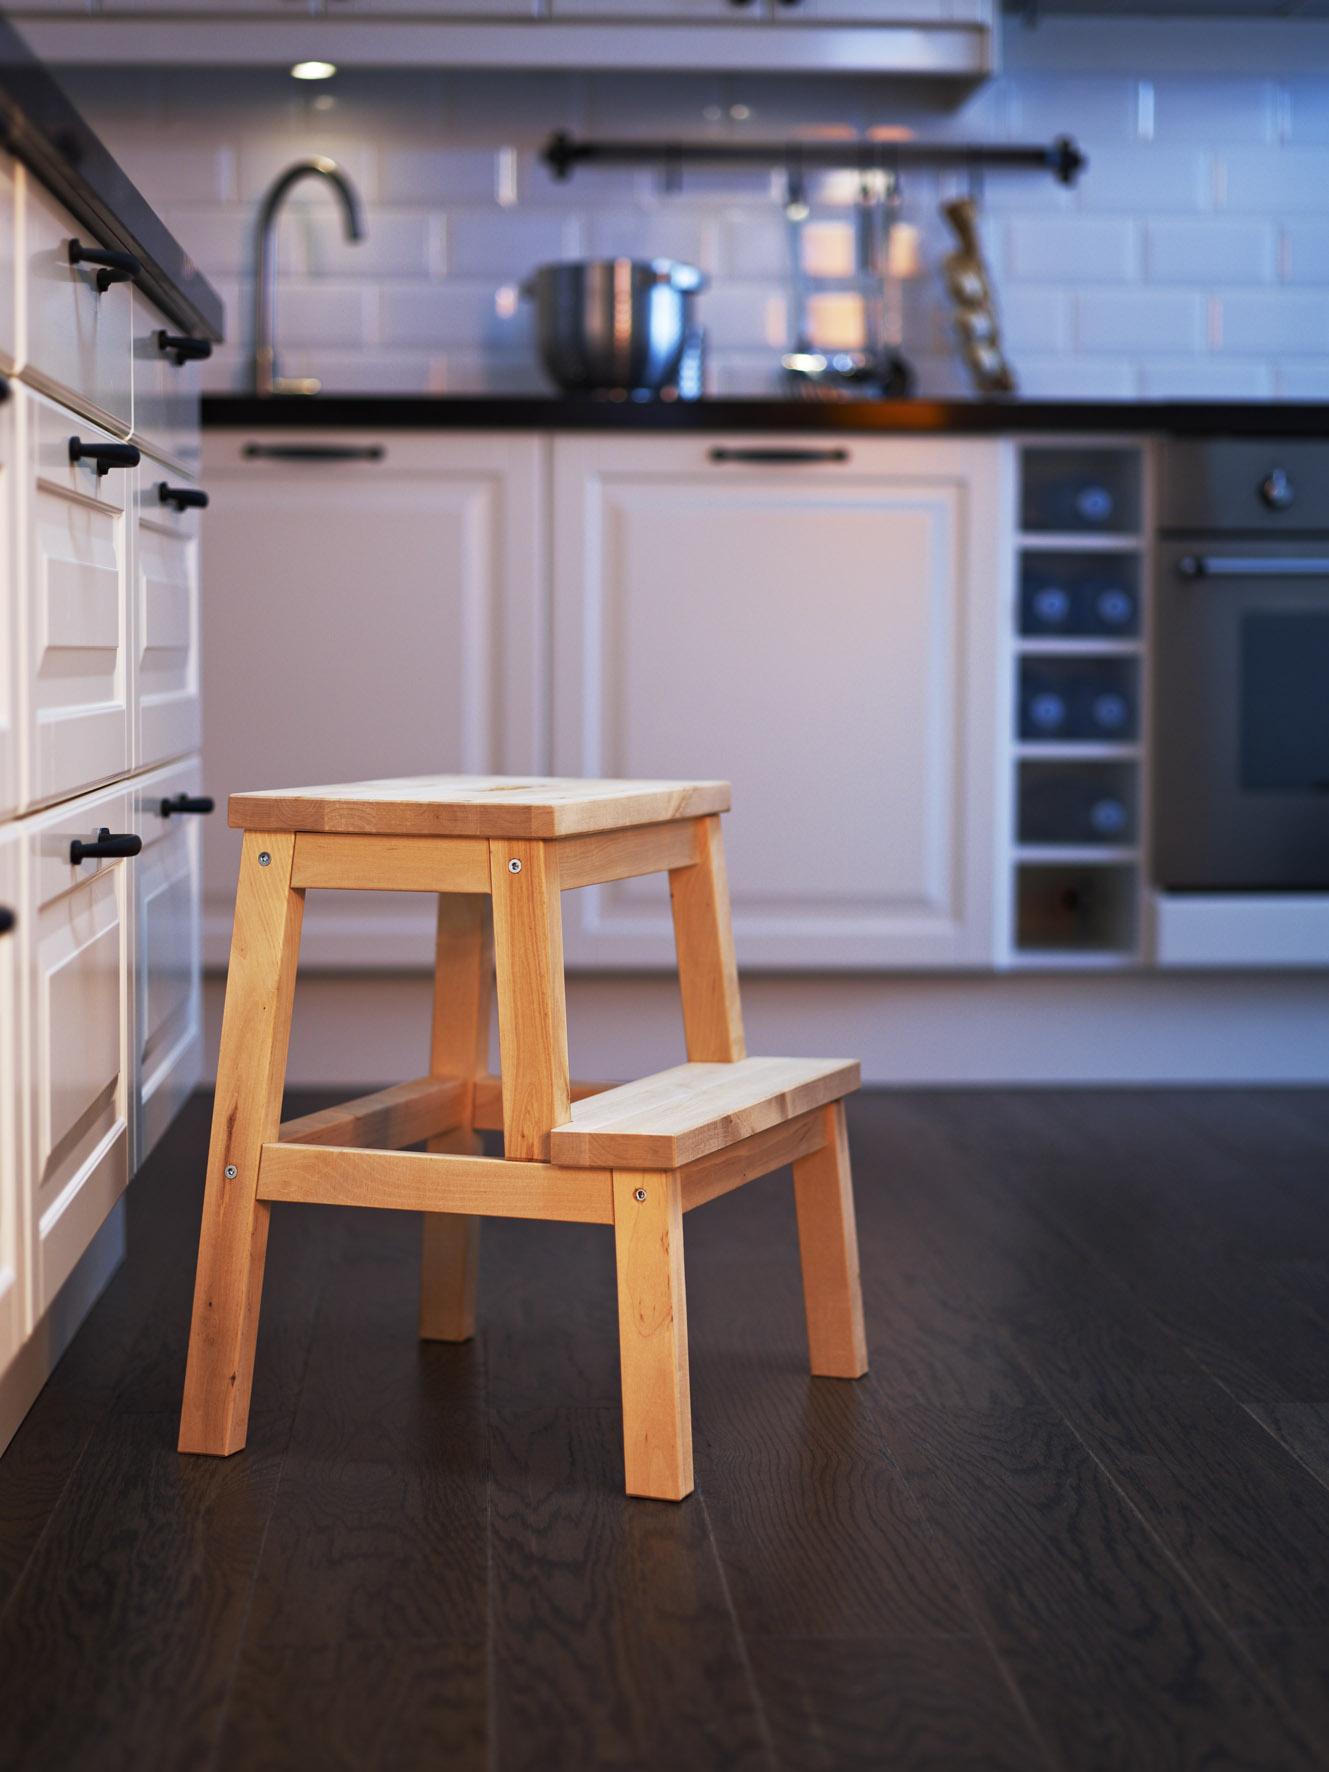 Feest In De Keuken Met Ikea Uw Keuken Nl